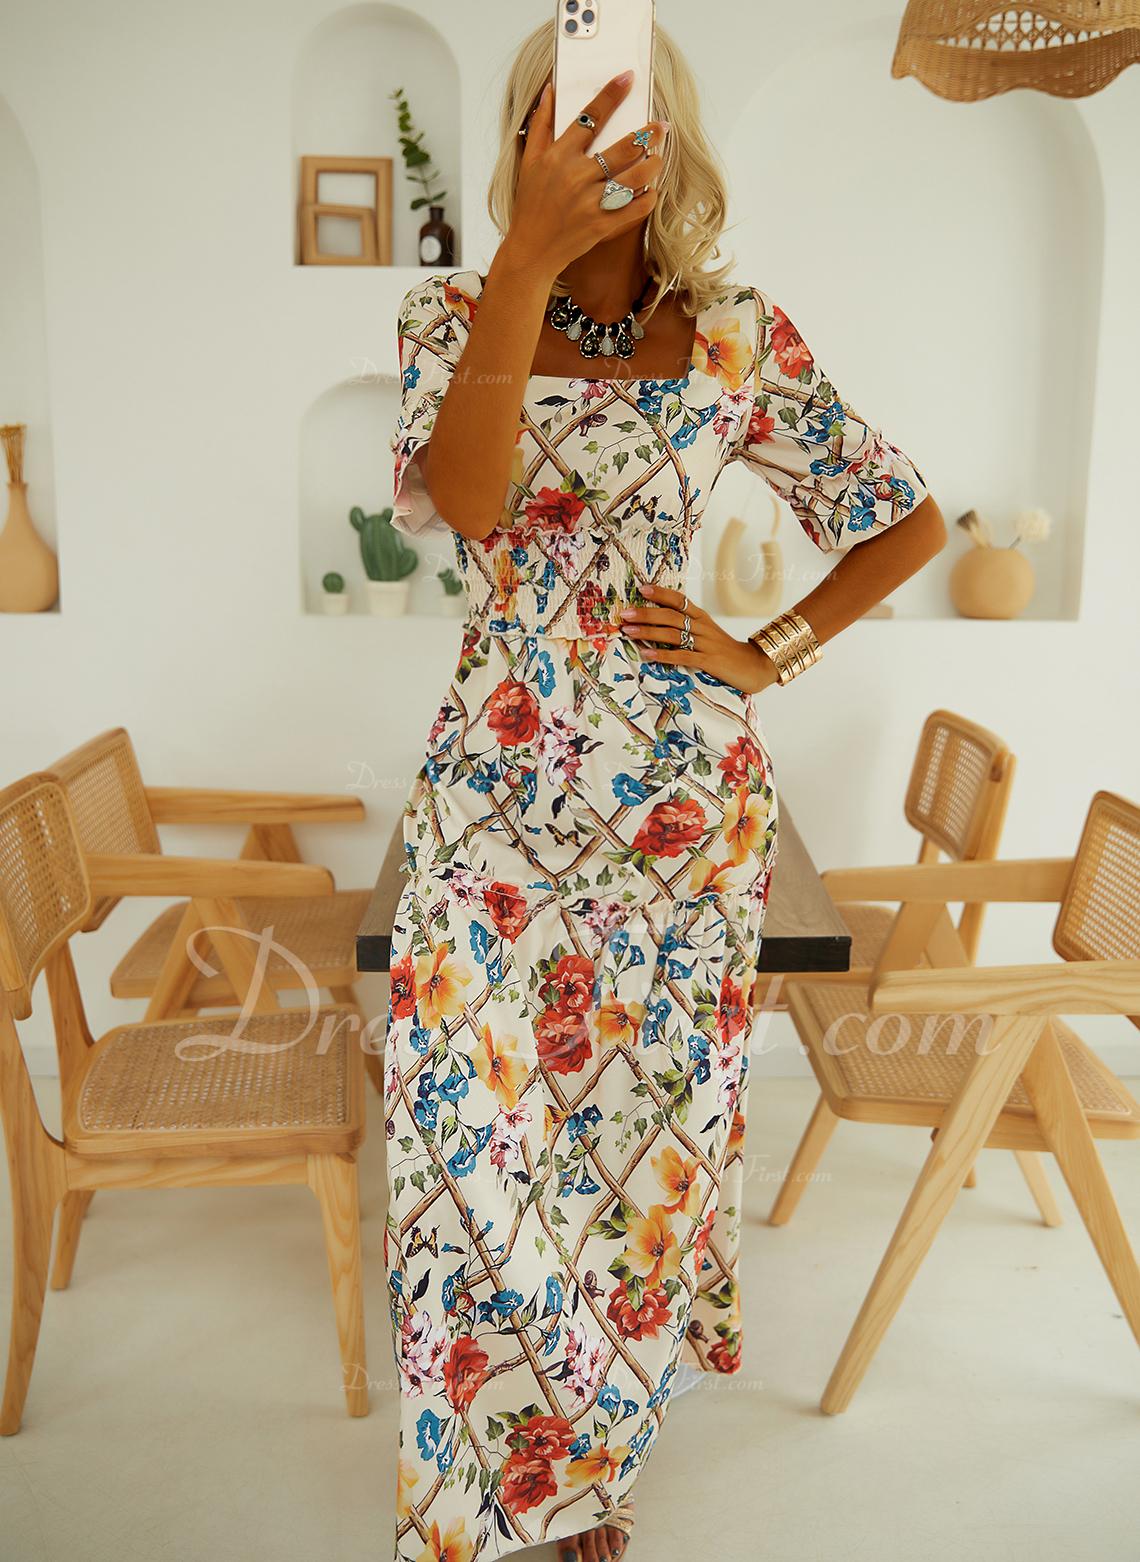 Květiny Tisk Do tvaru A Krátké rukávy Maxi Elegantní Skaterové Módní šaty